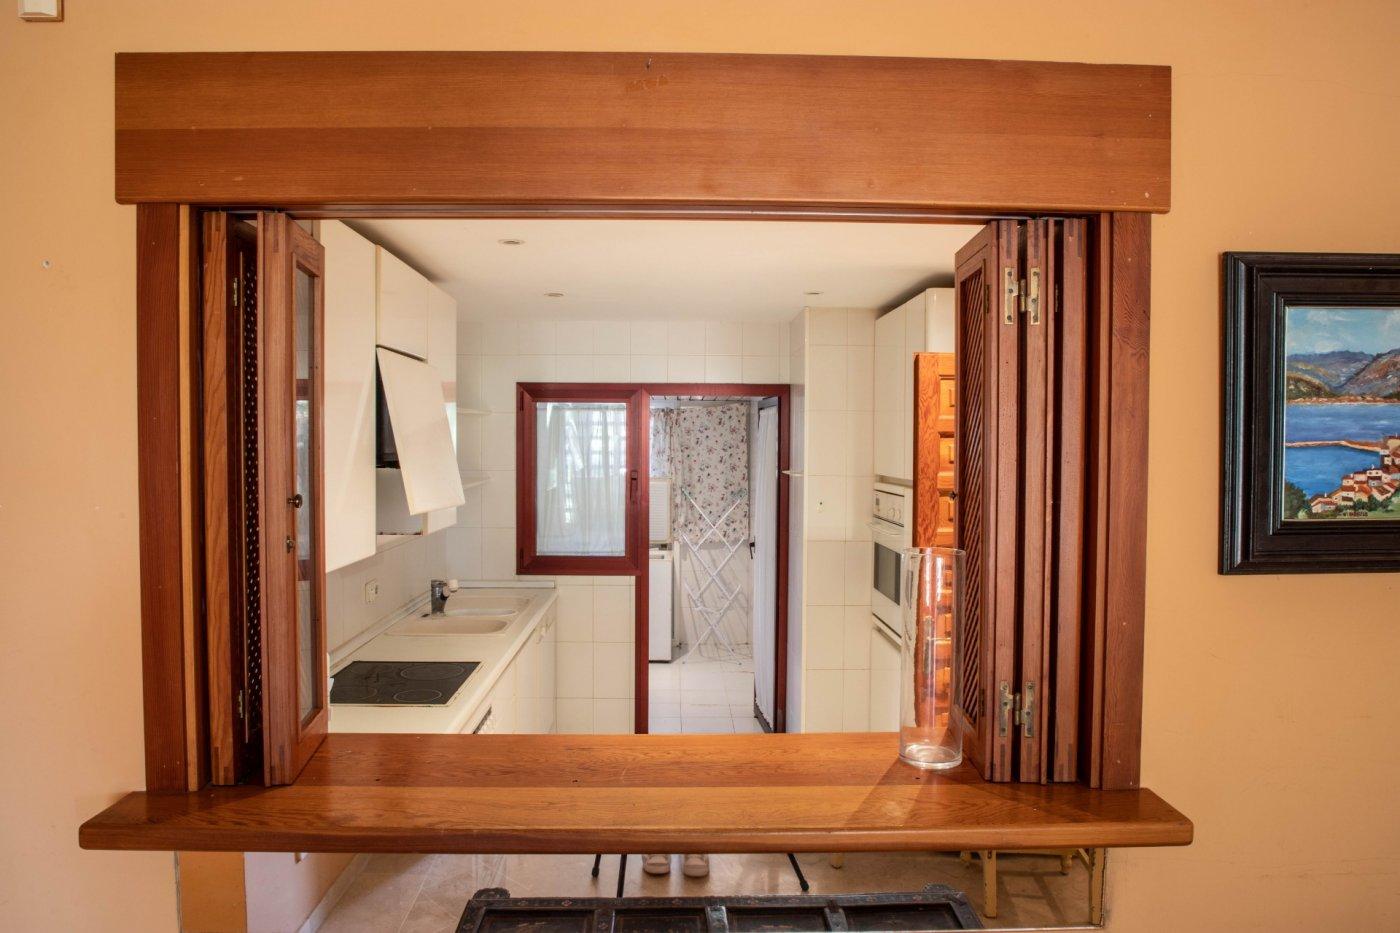 Oportunidad de comprar un precioso apartamento en santa ponsa a muy buen precio!! - imagenInmueble31